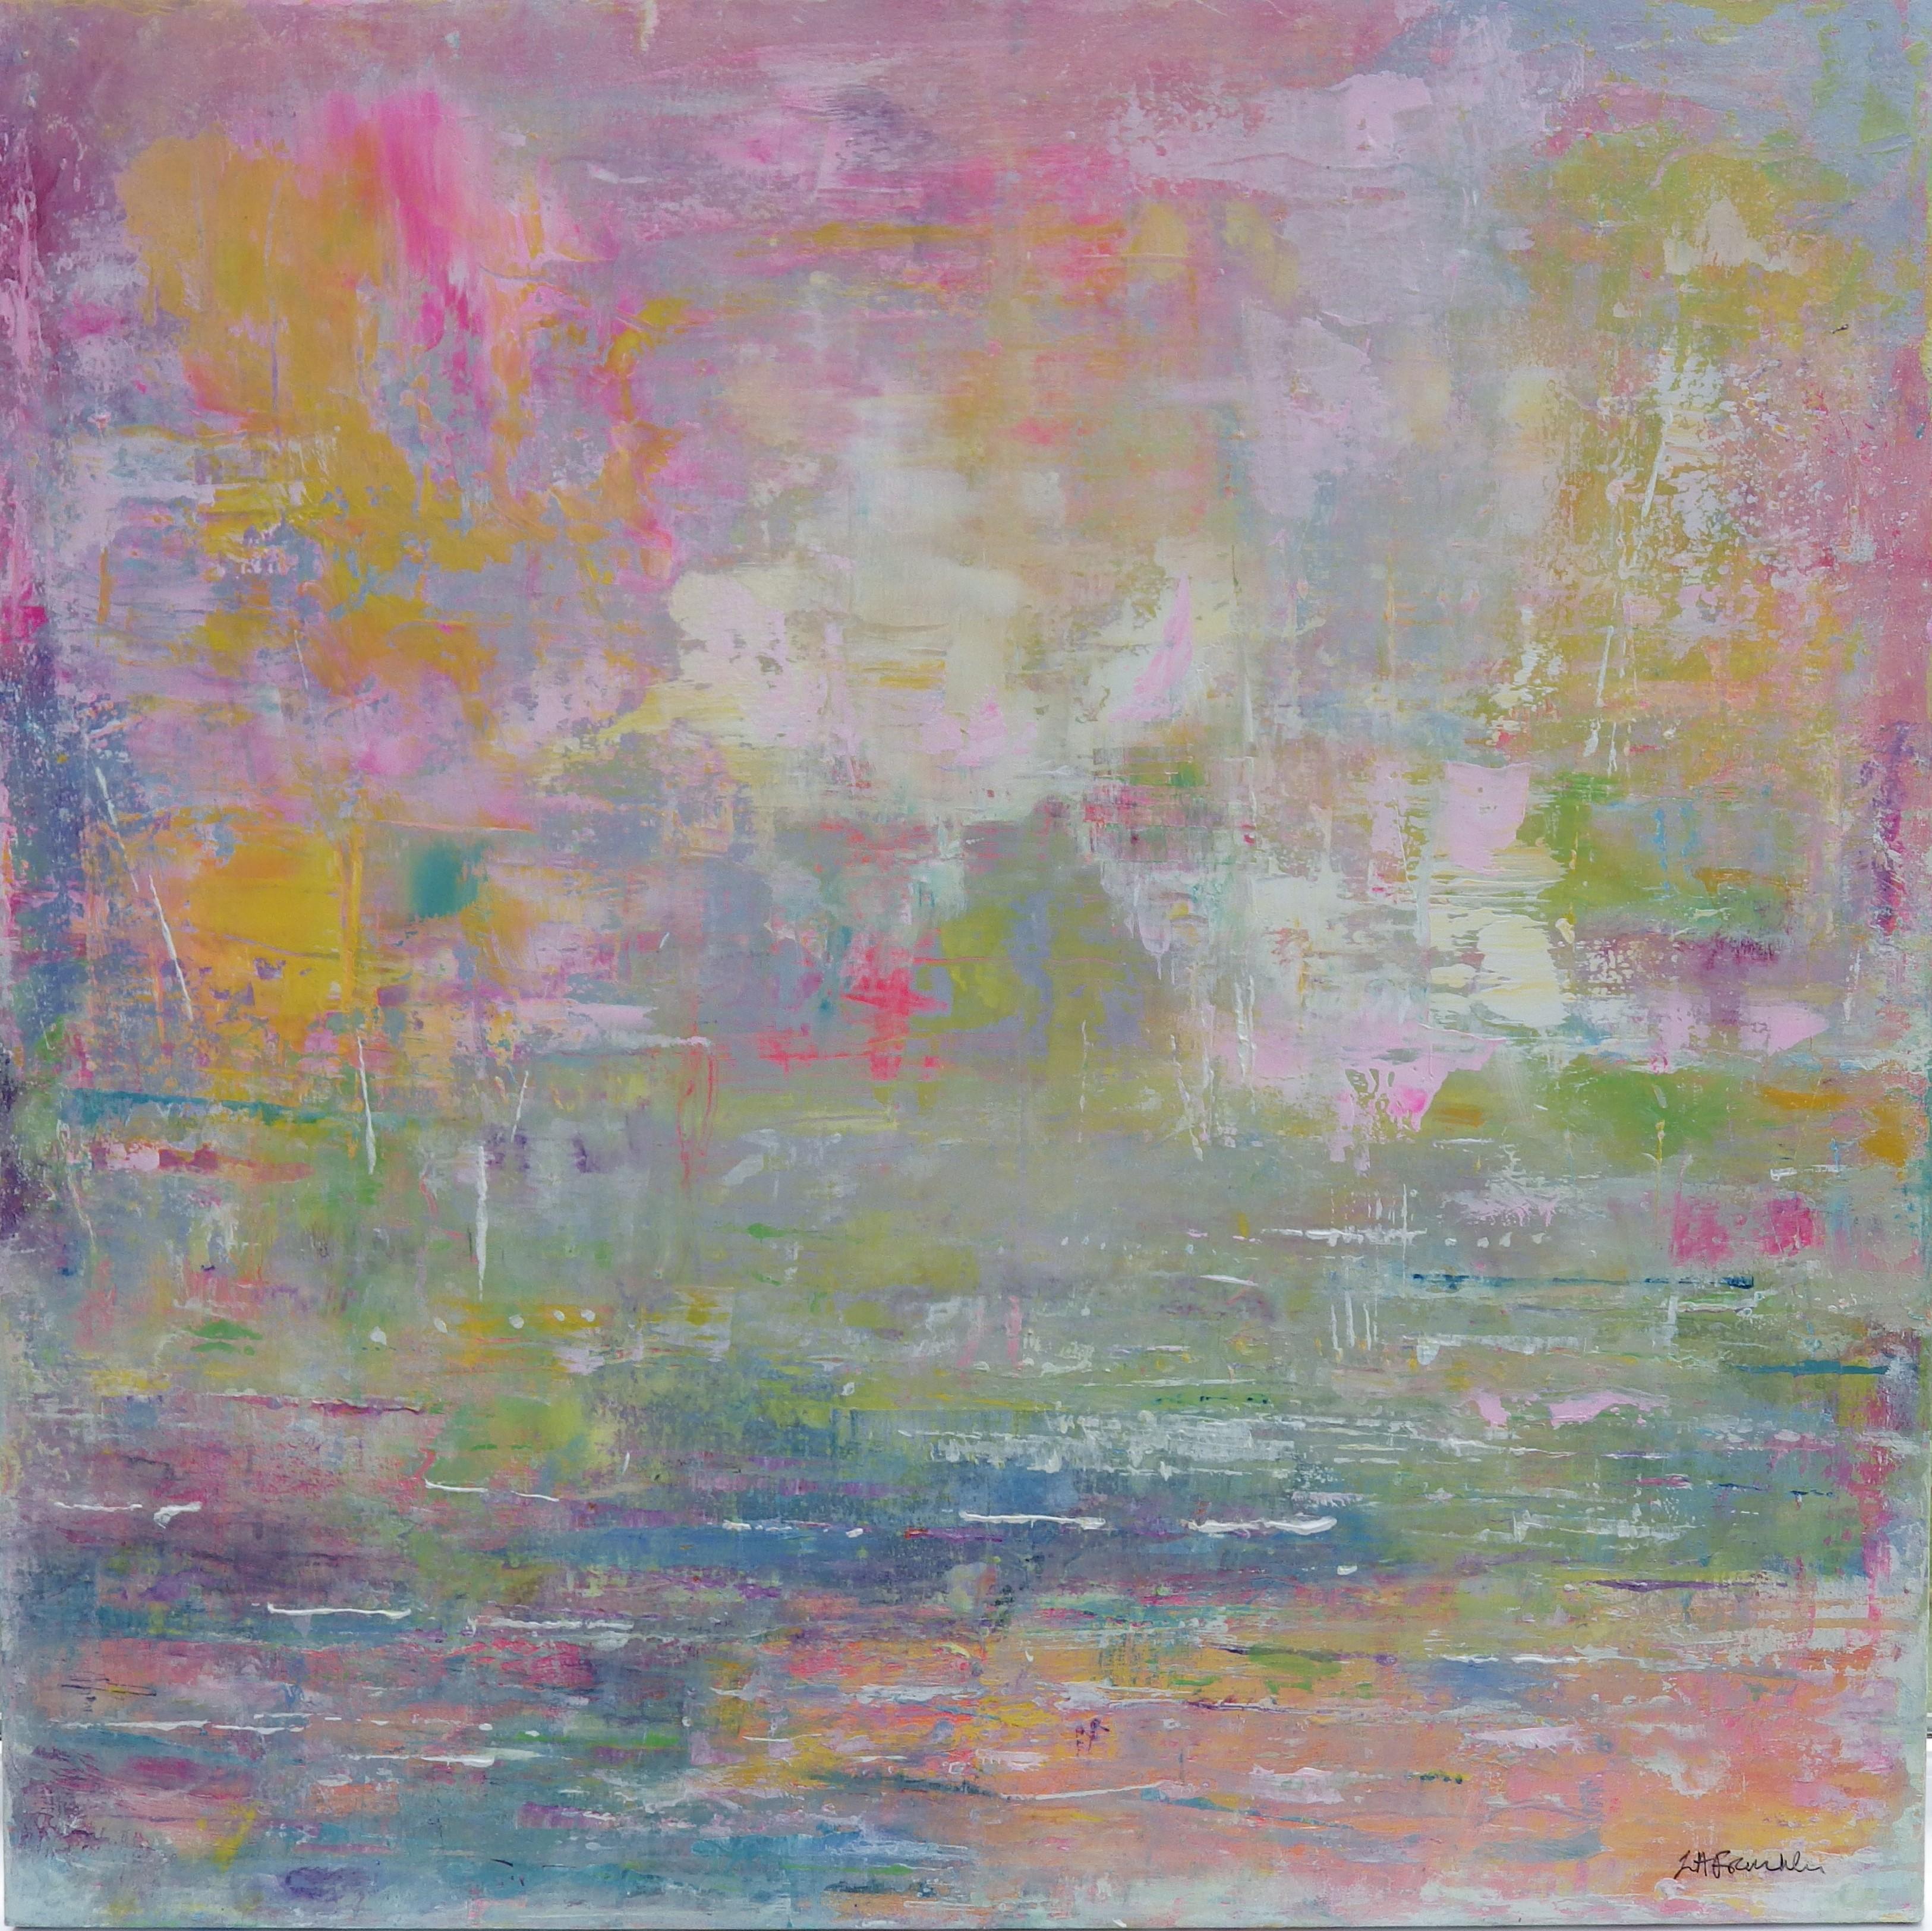 Breathe of Summer 90x90cms acrylic on canvas